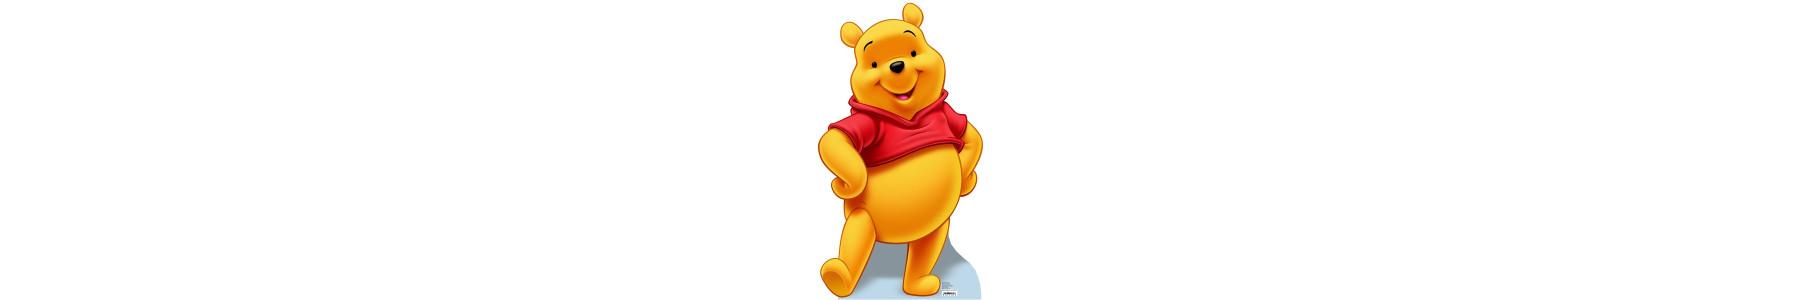 Winnie Sweet Tweets